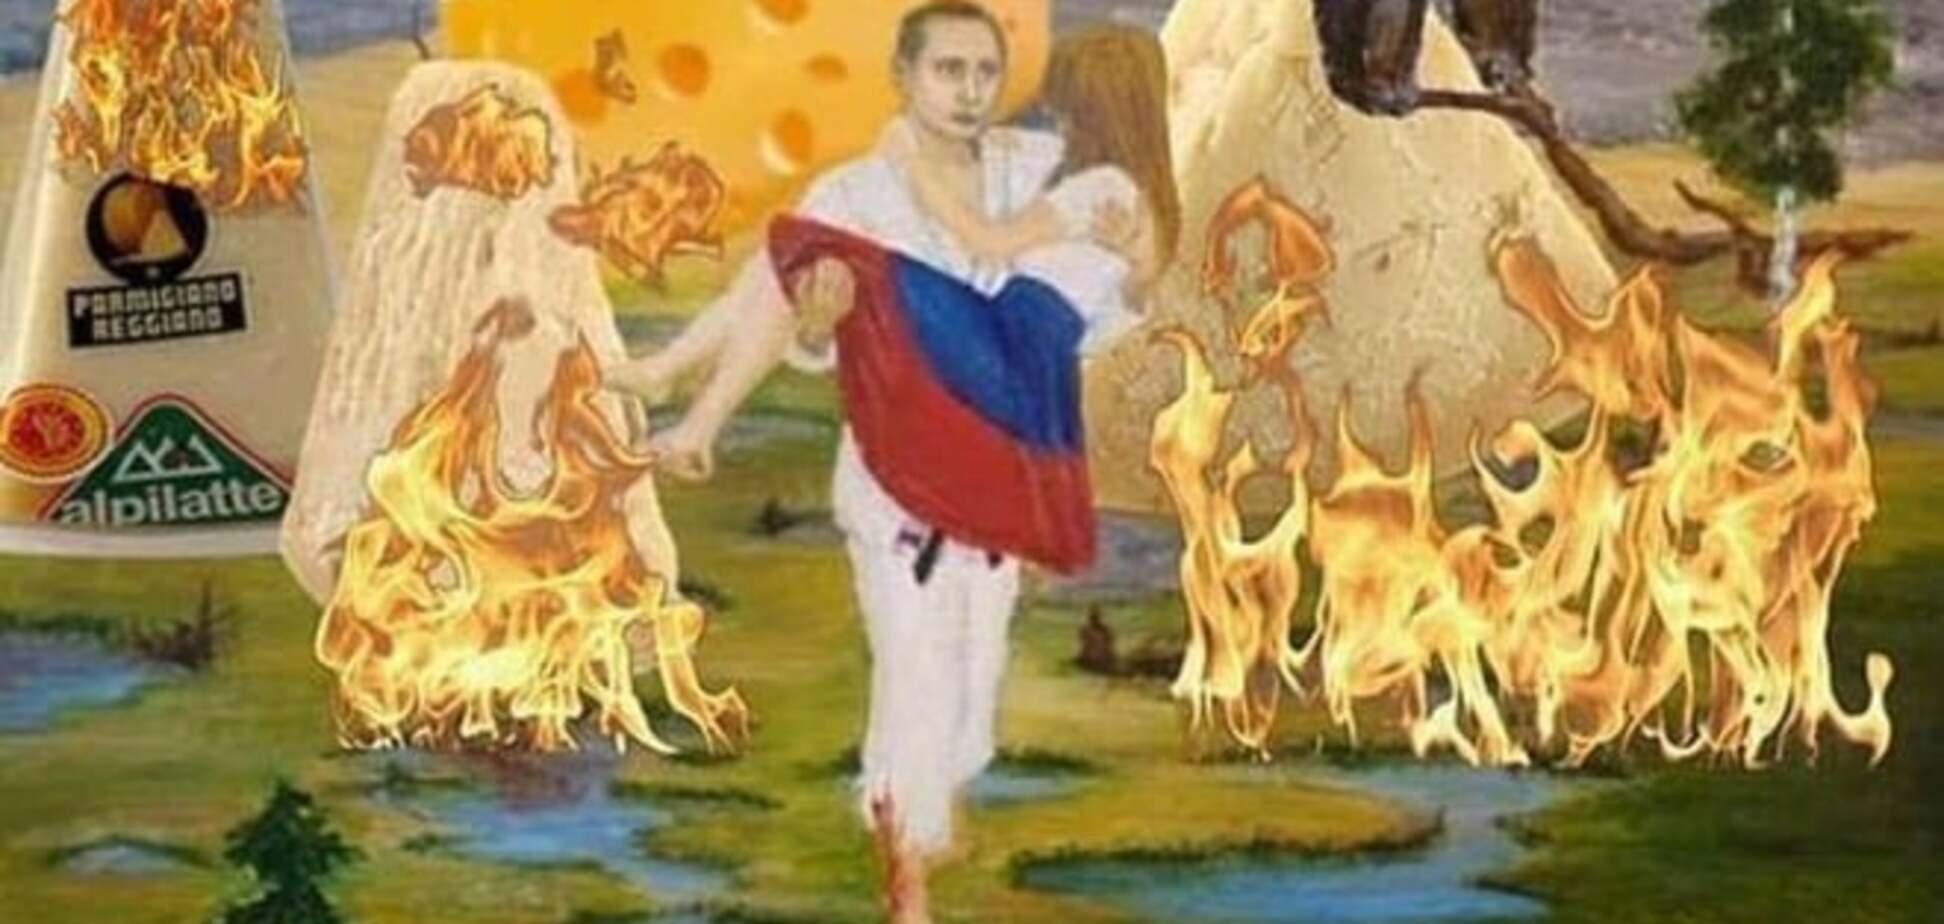 Росія, запалюй! Світовий Twitter підірвав хештег # РоссіяЖжет